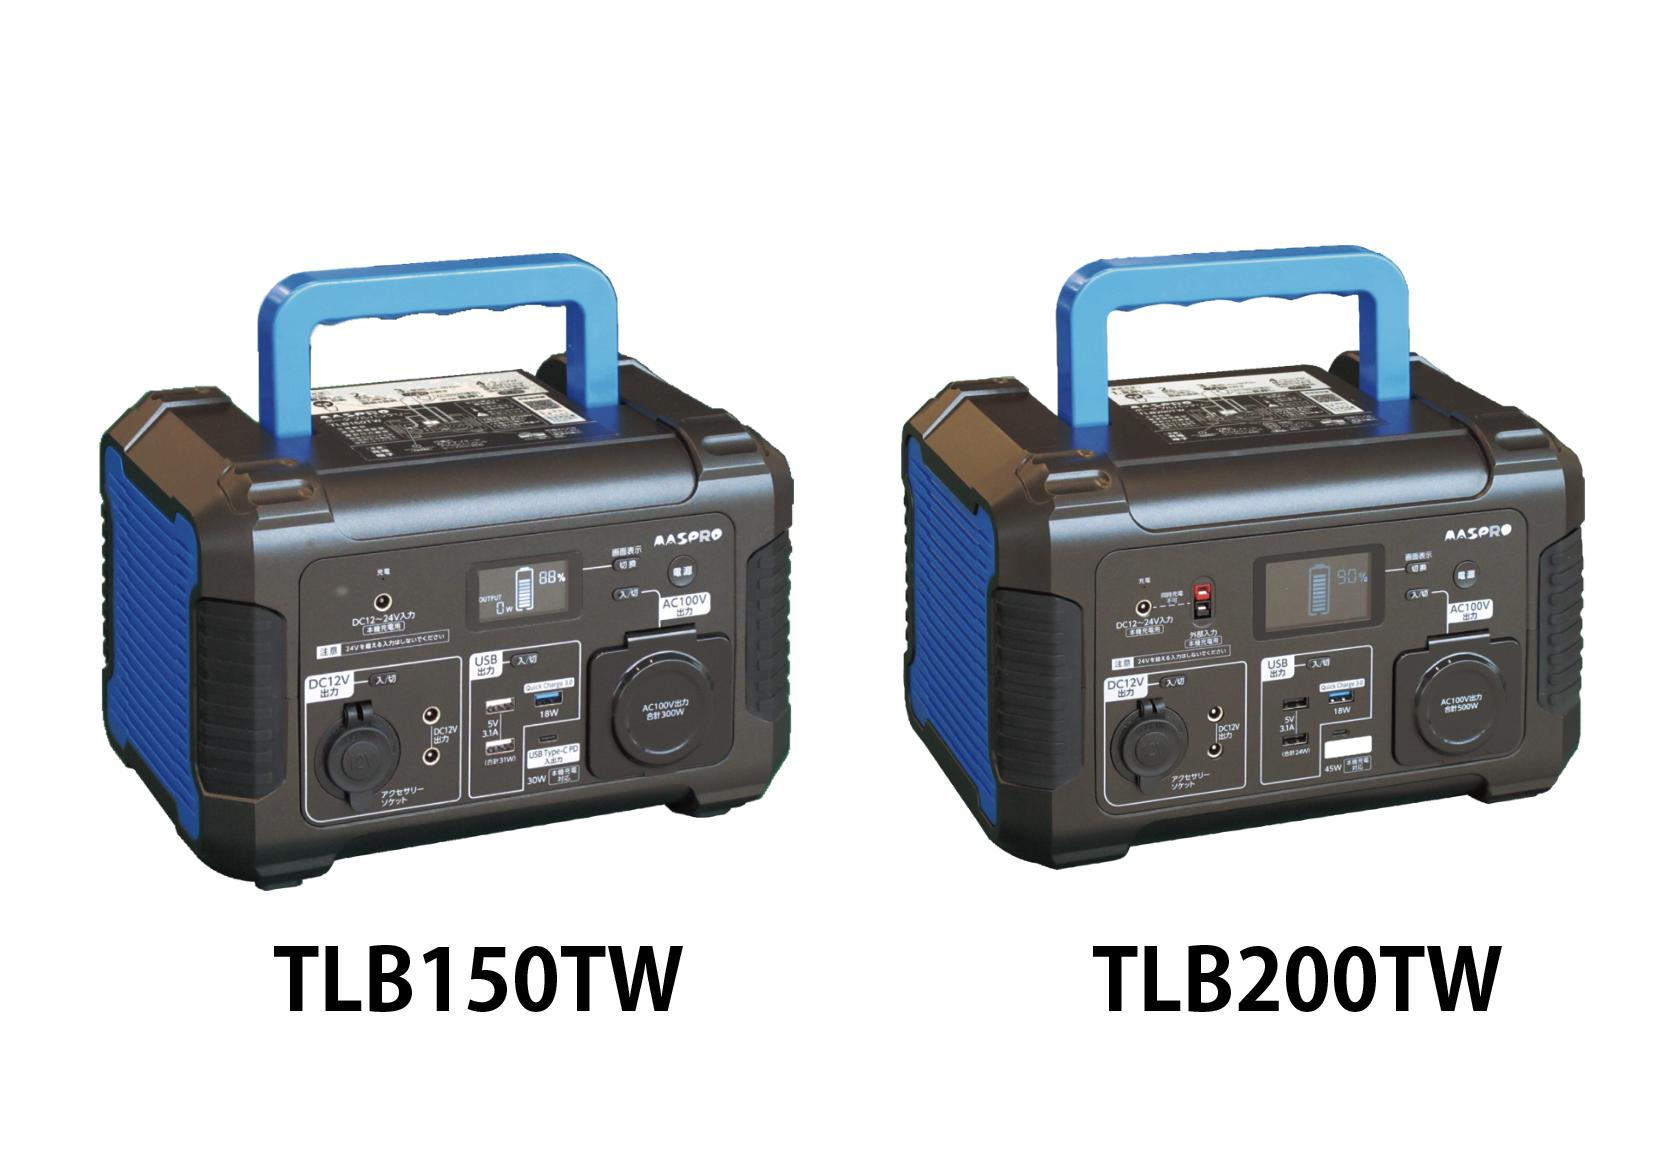 【マスプロ電工】防災・アウトドア・イベントのほか作業にも最適!『ポータブルバッテリーTLB150TW/TLB200TW』の画像